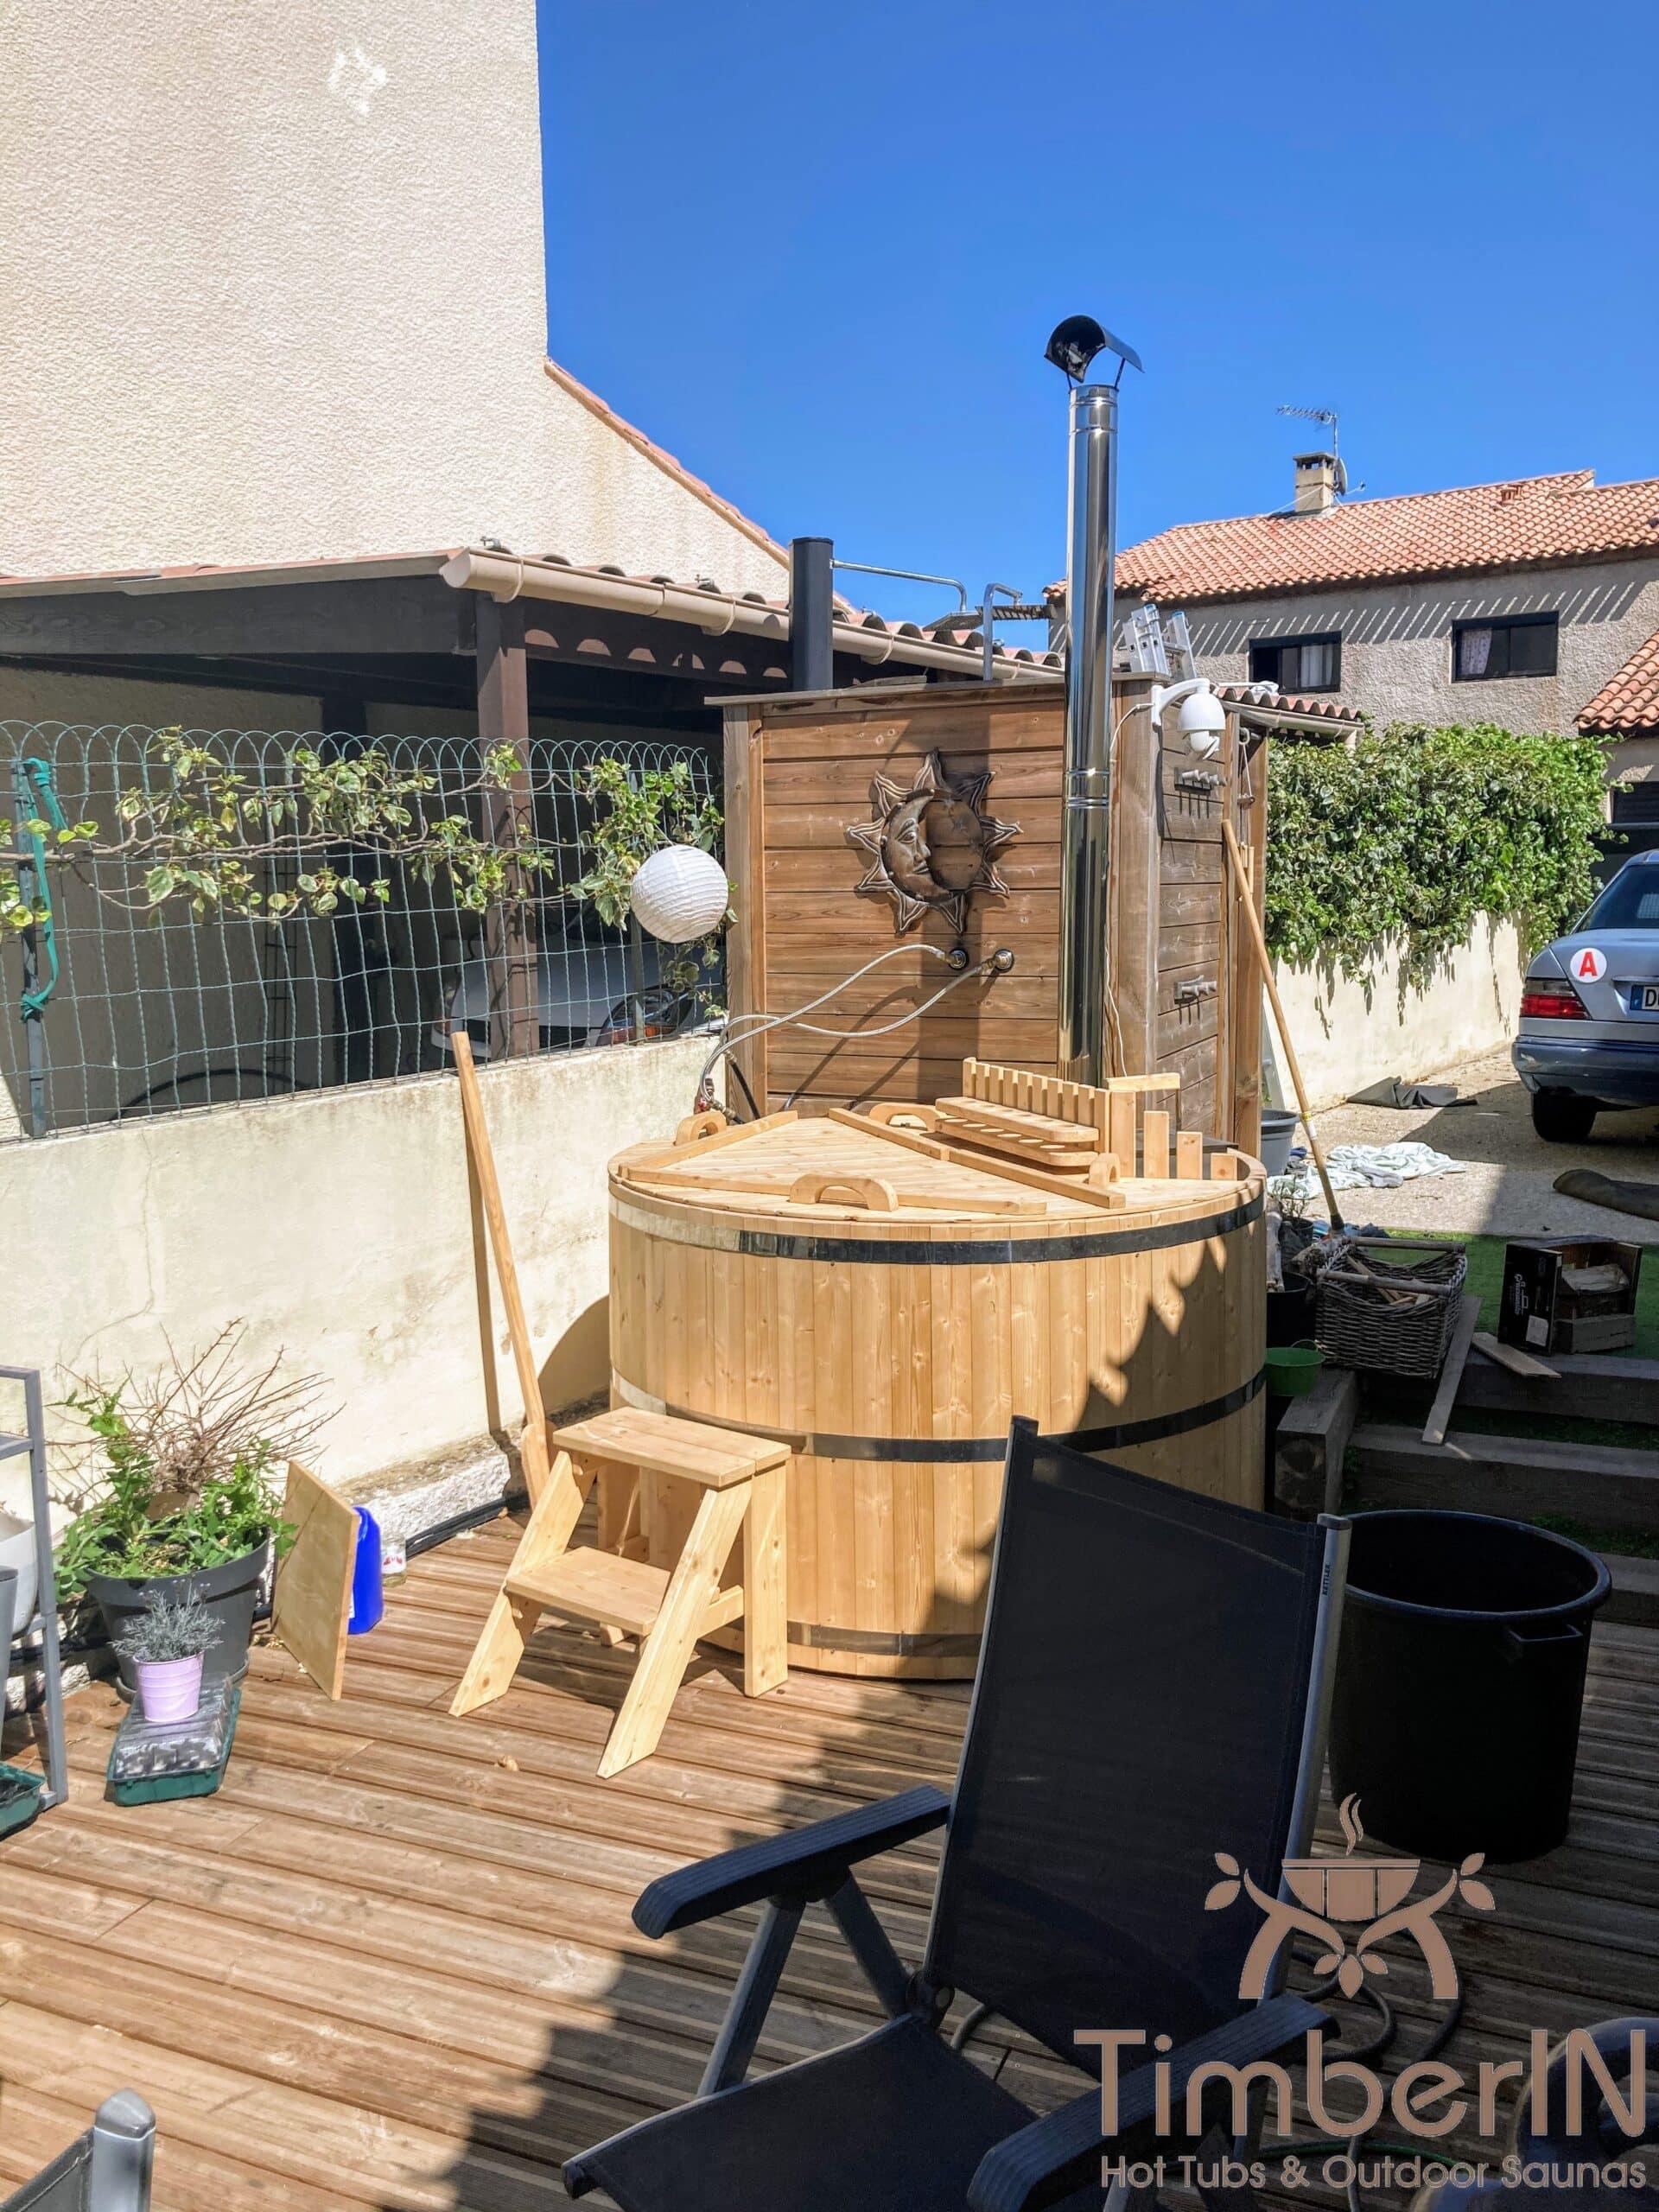 Badebottich aus Holz guenstiges Modell 3 scaled